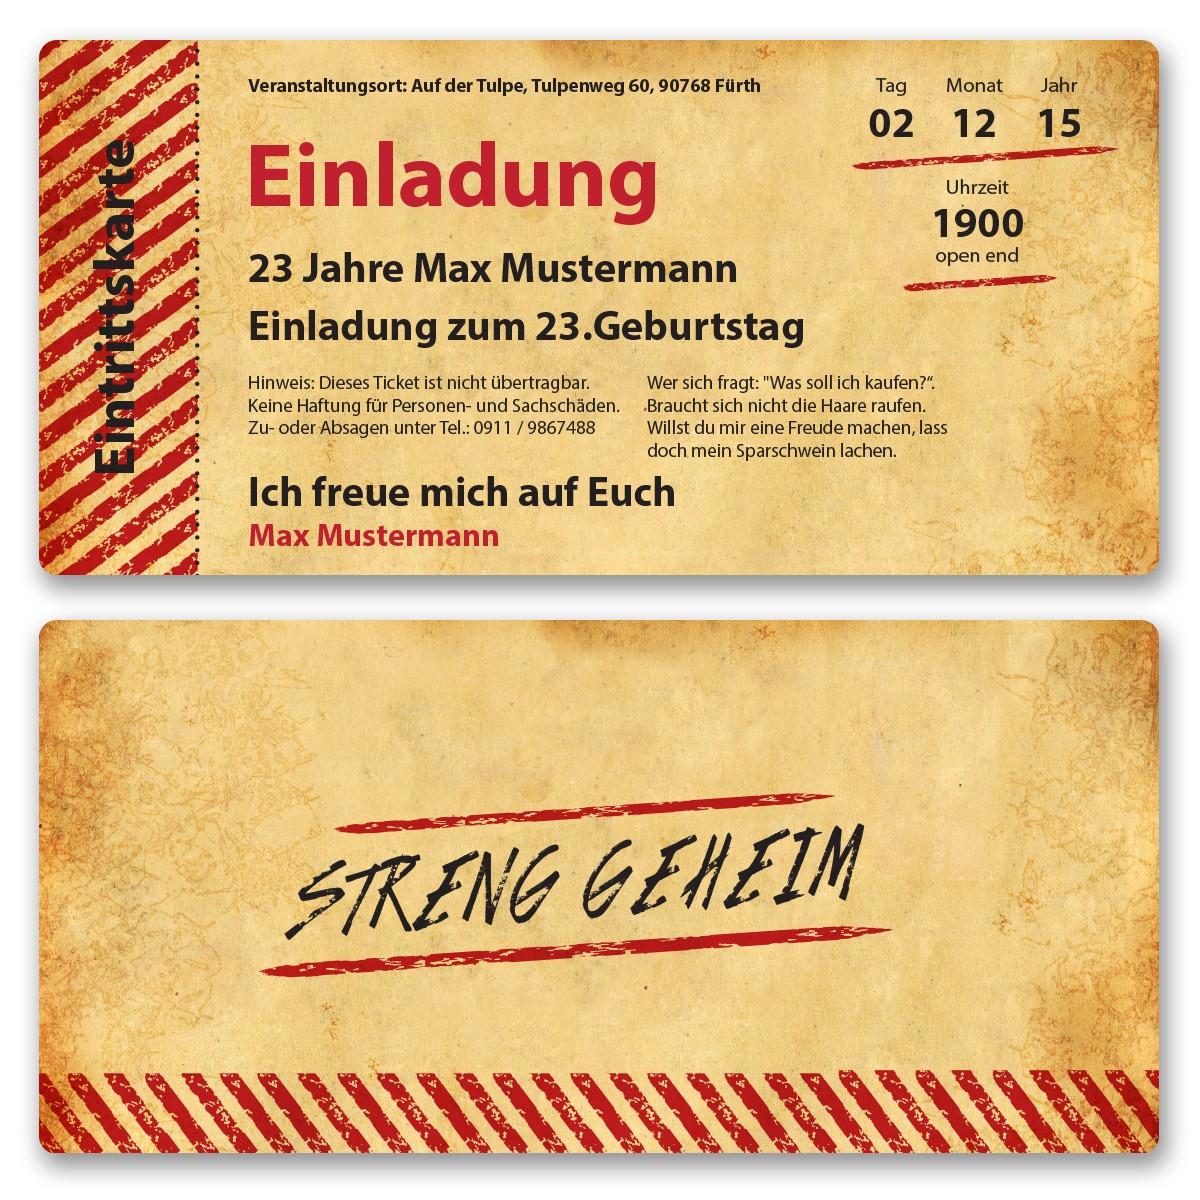 einladungskarten als eintrittskarte im vintagestyle ab 55 cent, Einladung